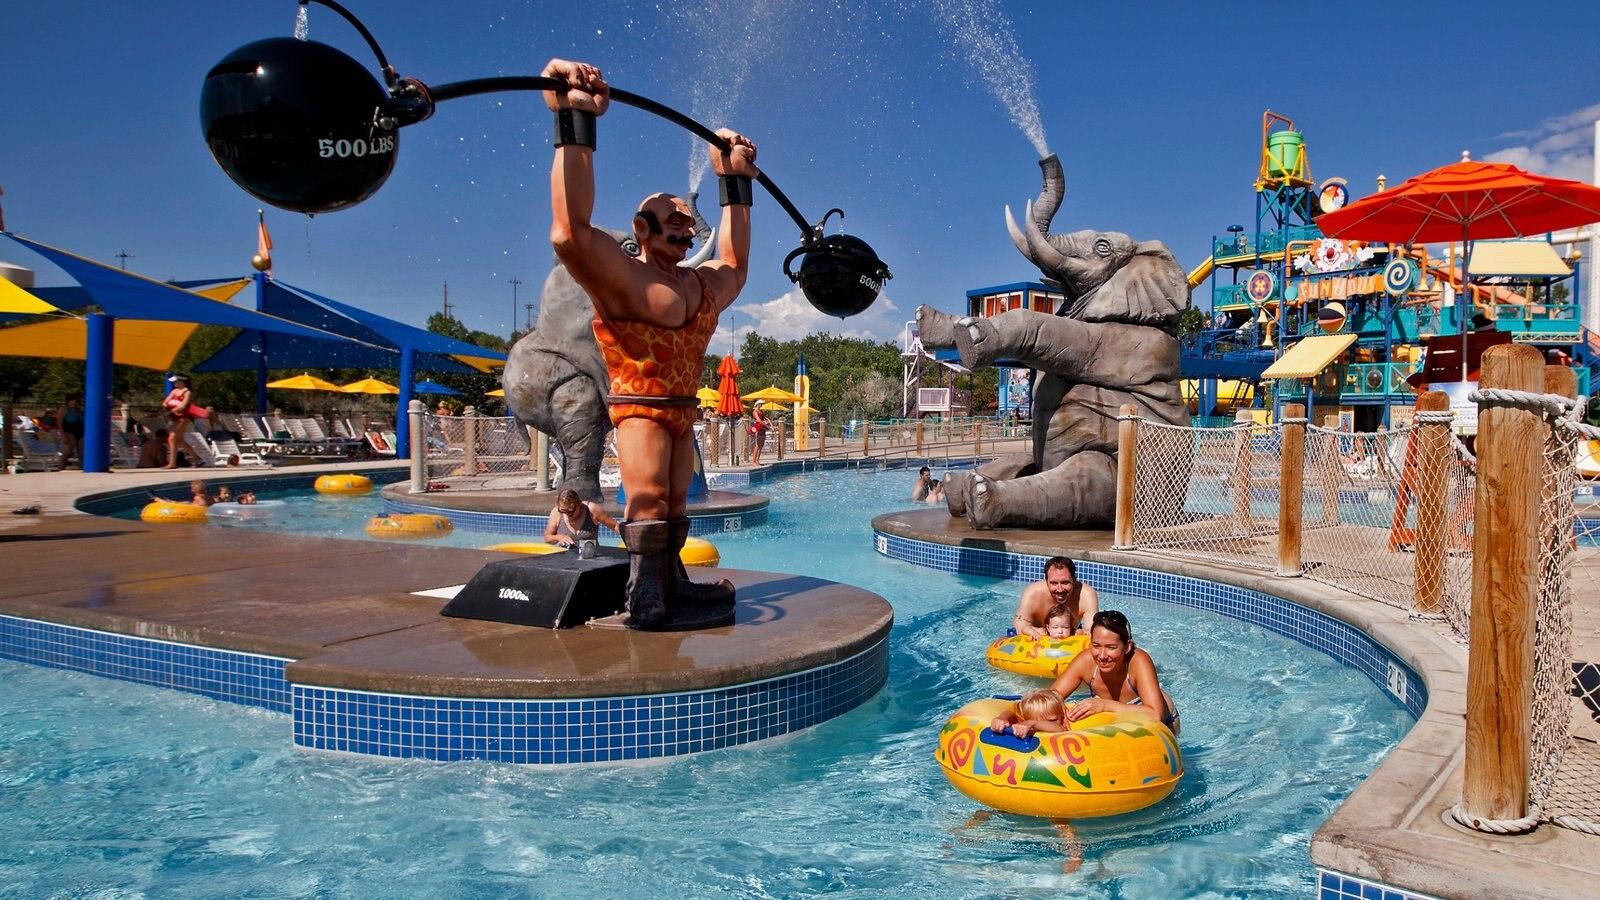 Water World mostrando arte ao ar livre, uma piscina e um parque aquático